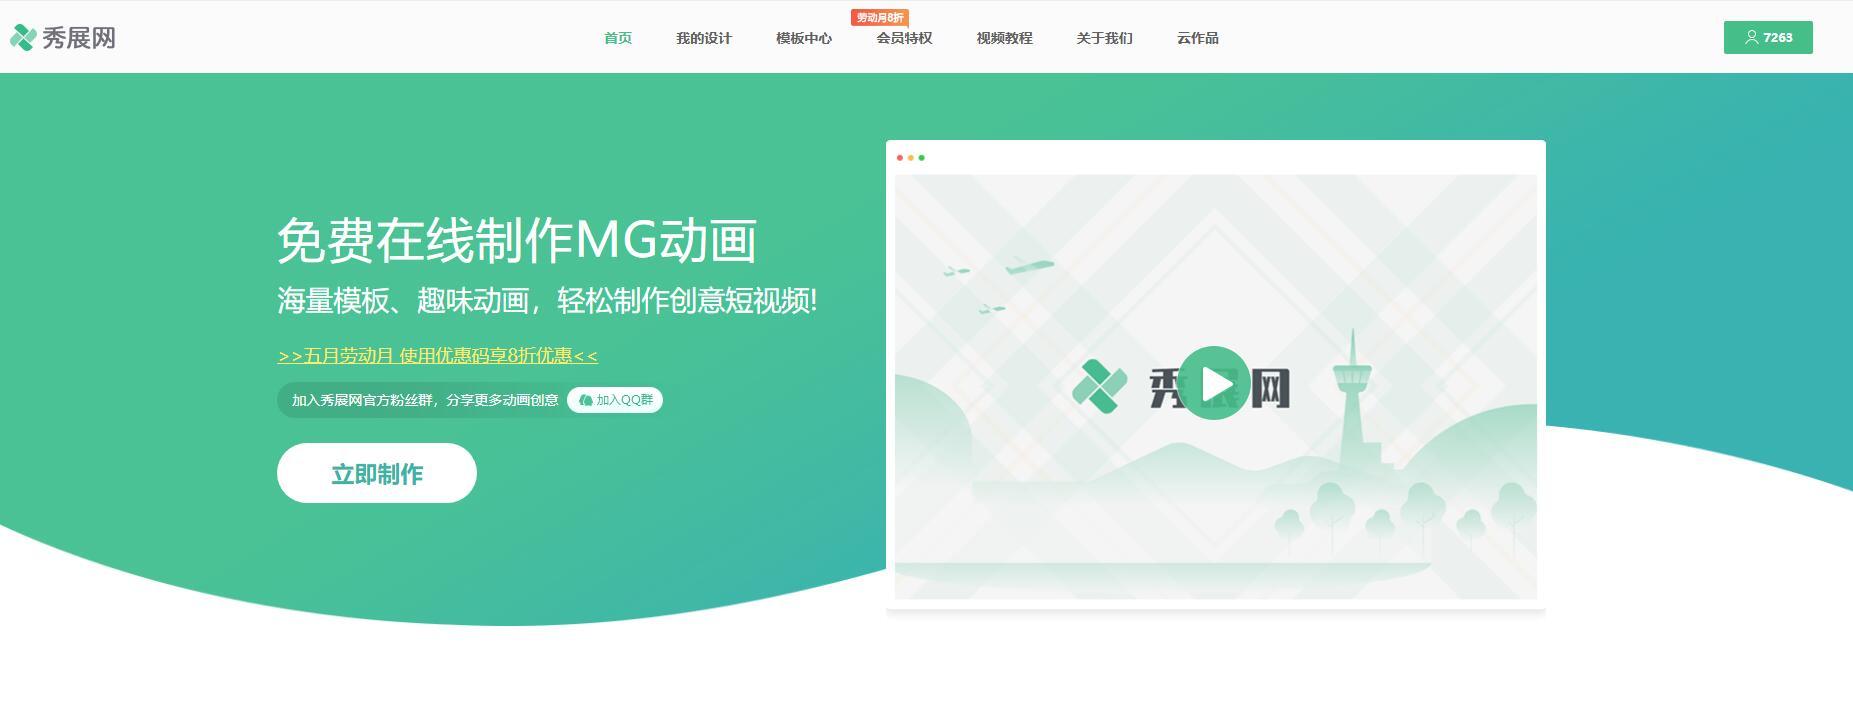 秀展网 – 在线制作 MG 动画的平台(送特别版会员)